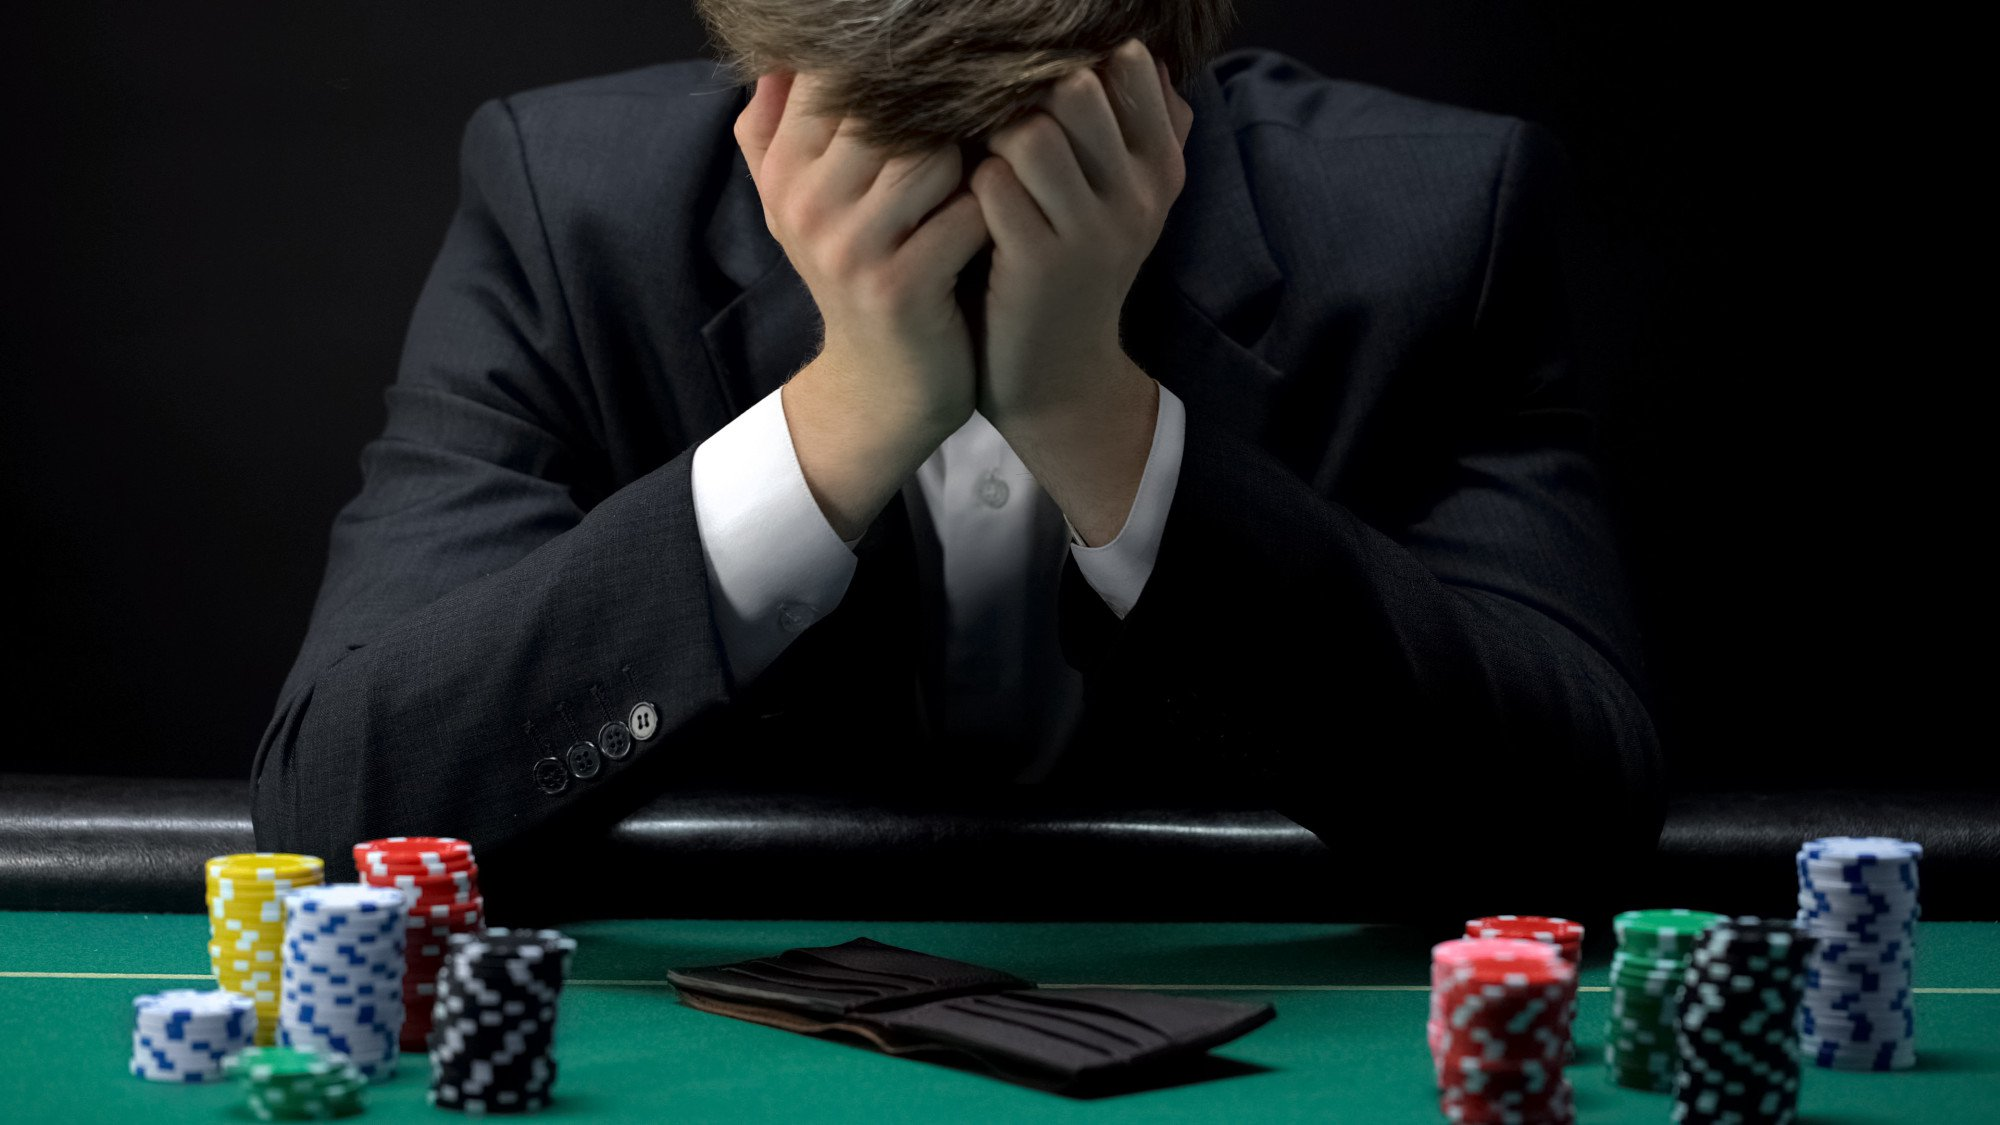 gambling losses